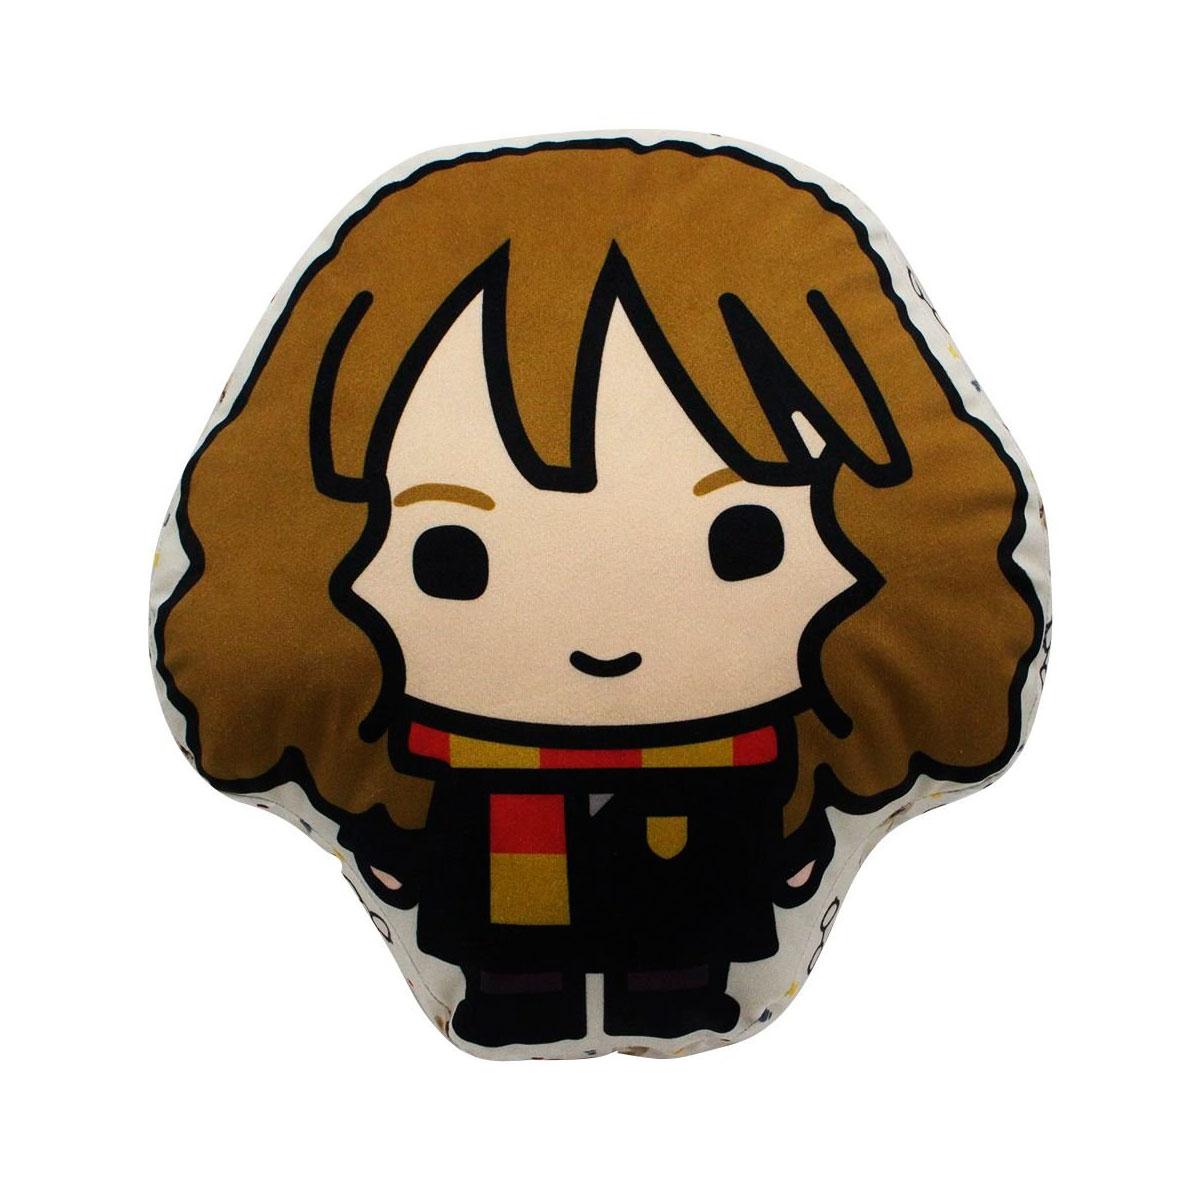 Almofada Decorativa Formato Hermione Granger Harry Potter - Presente Super